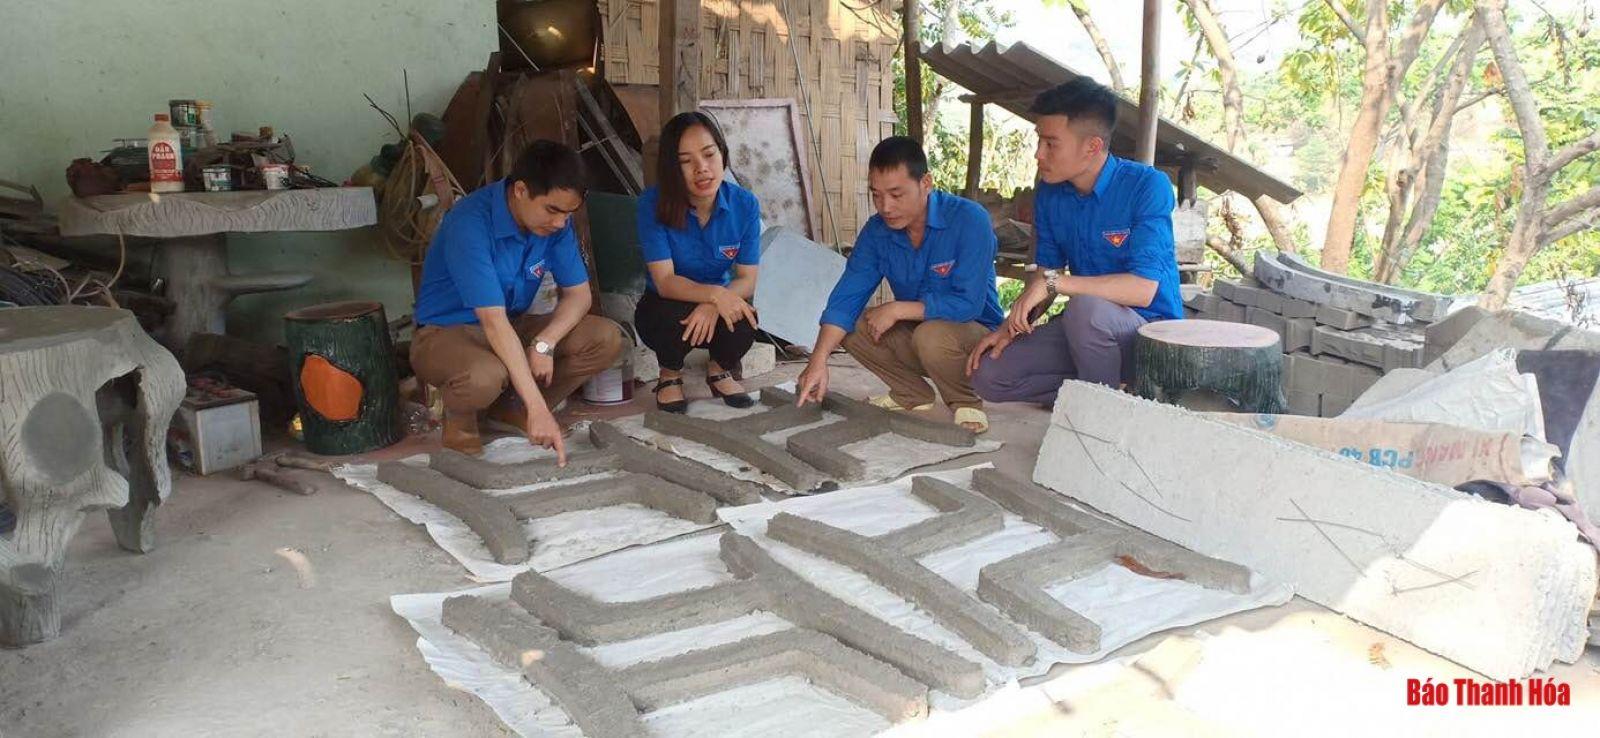 Anh Hà Văn Chục trao đổi kinh nghiệm về phát triển mô hình khởi nghiệp với đoàn viên, thanh niên trong xã.